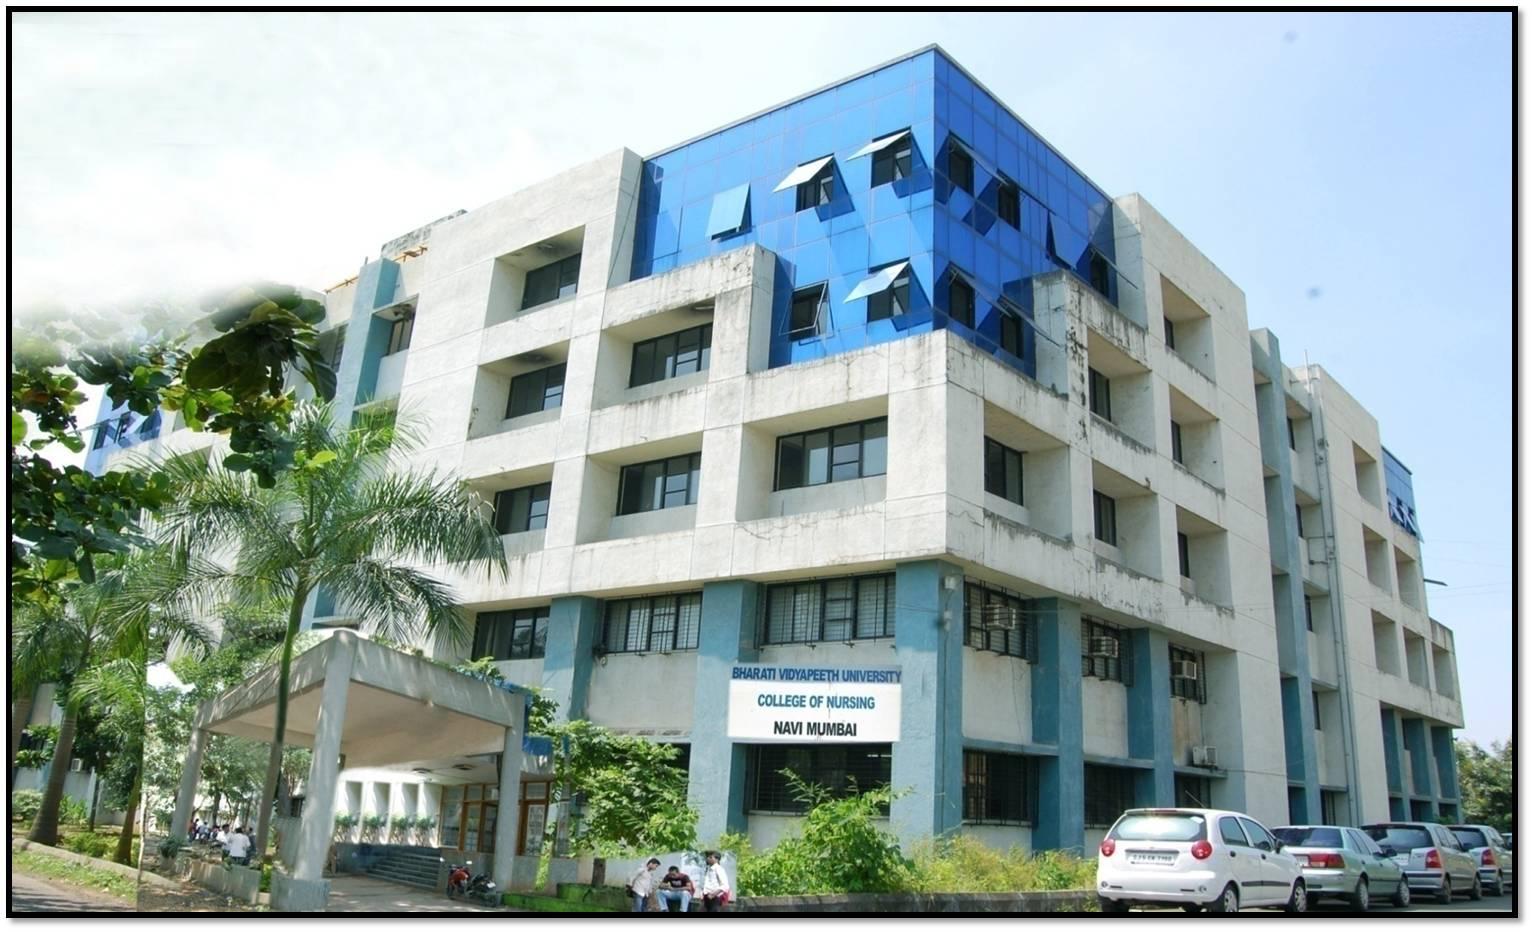 College of Nursing, Navi Mumbai